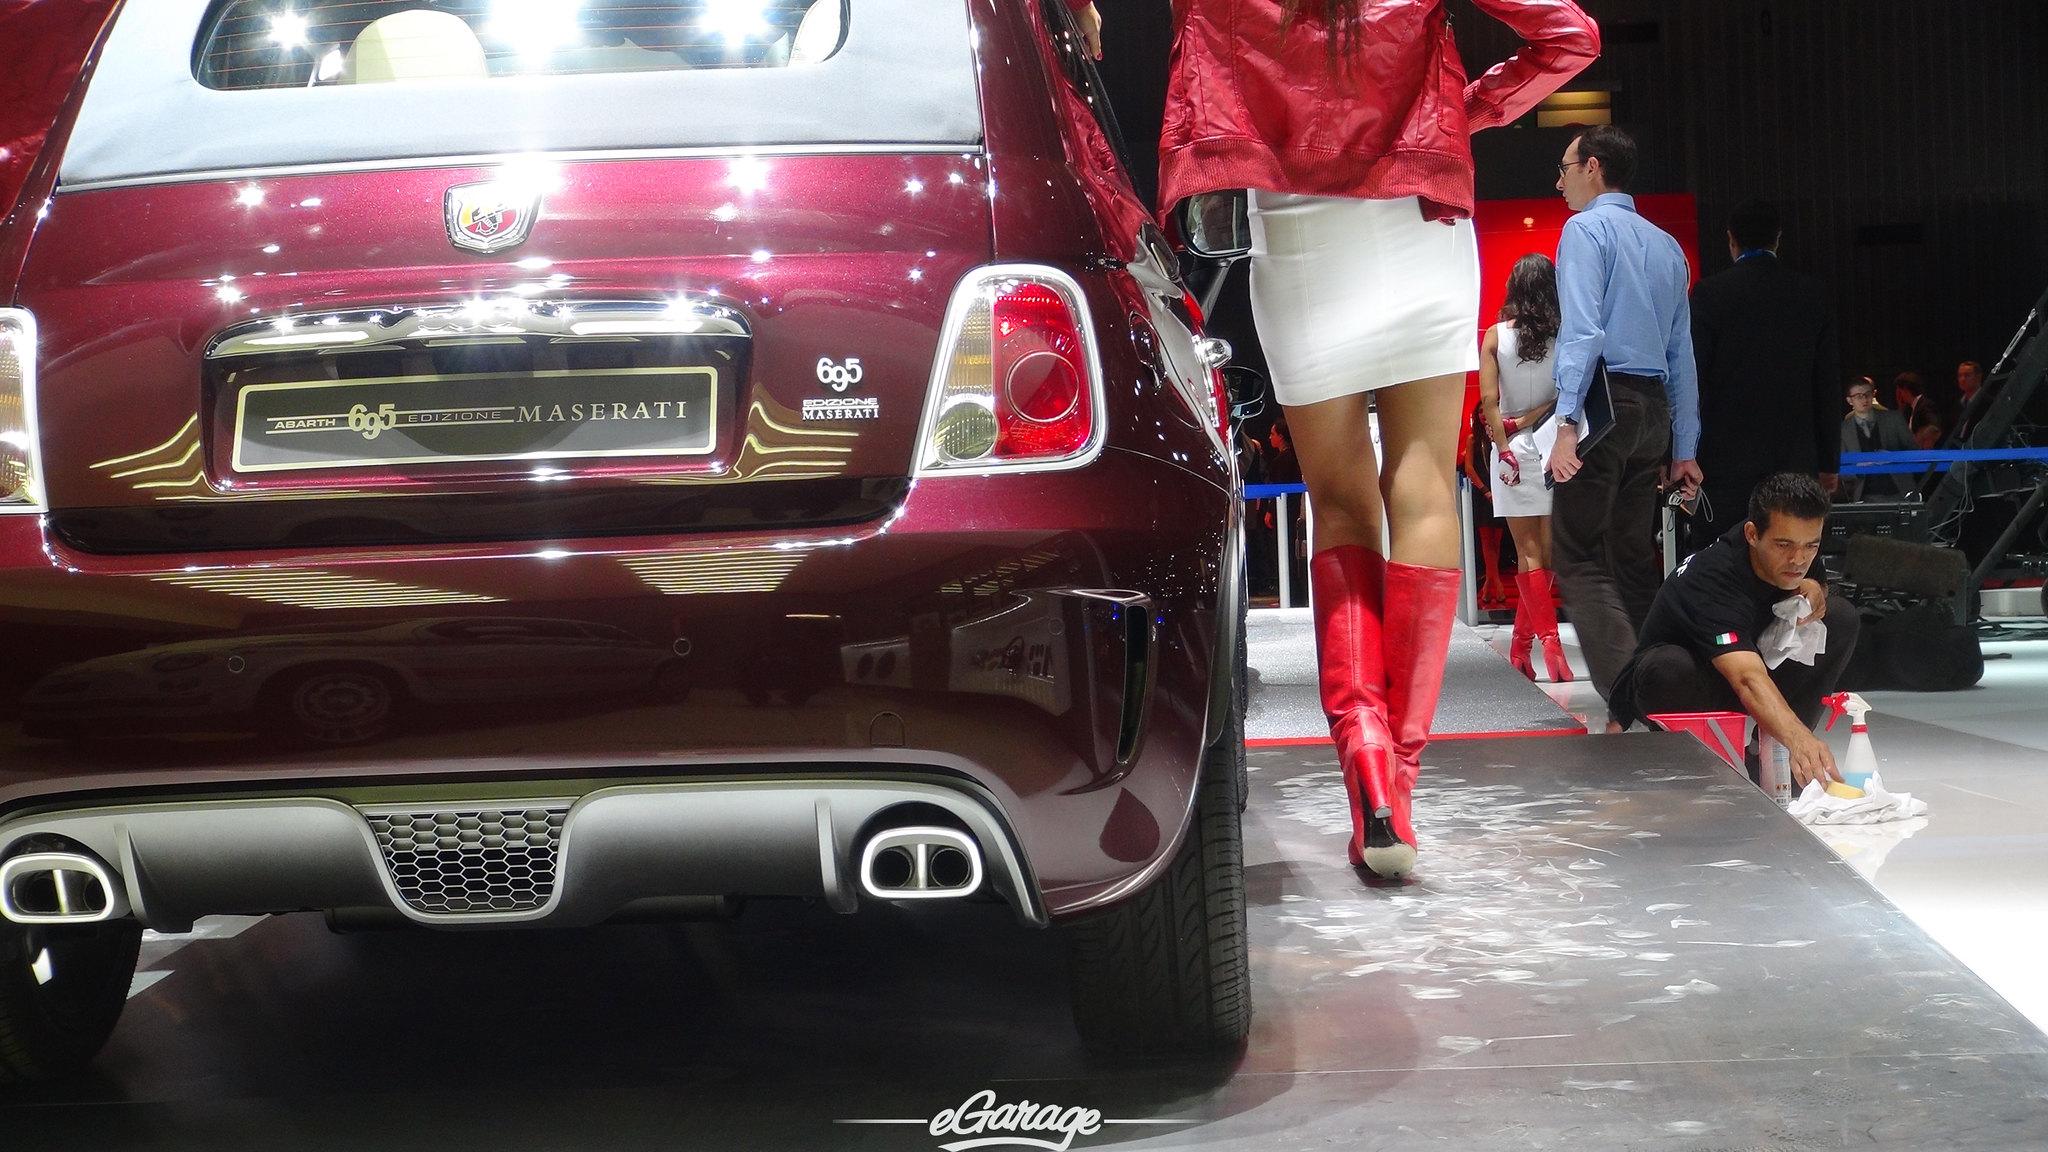 8030423268 5c26ddd52d k 2012 Paris Motor Show